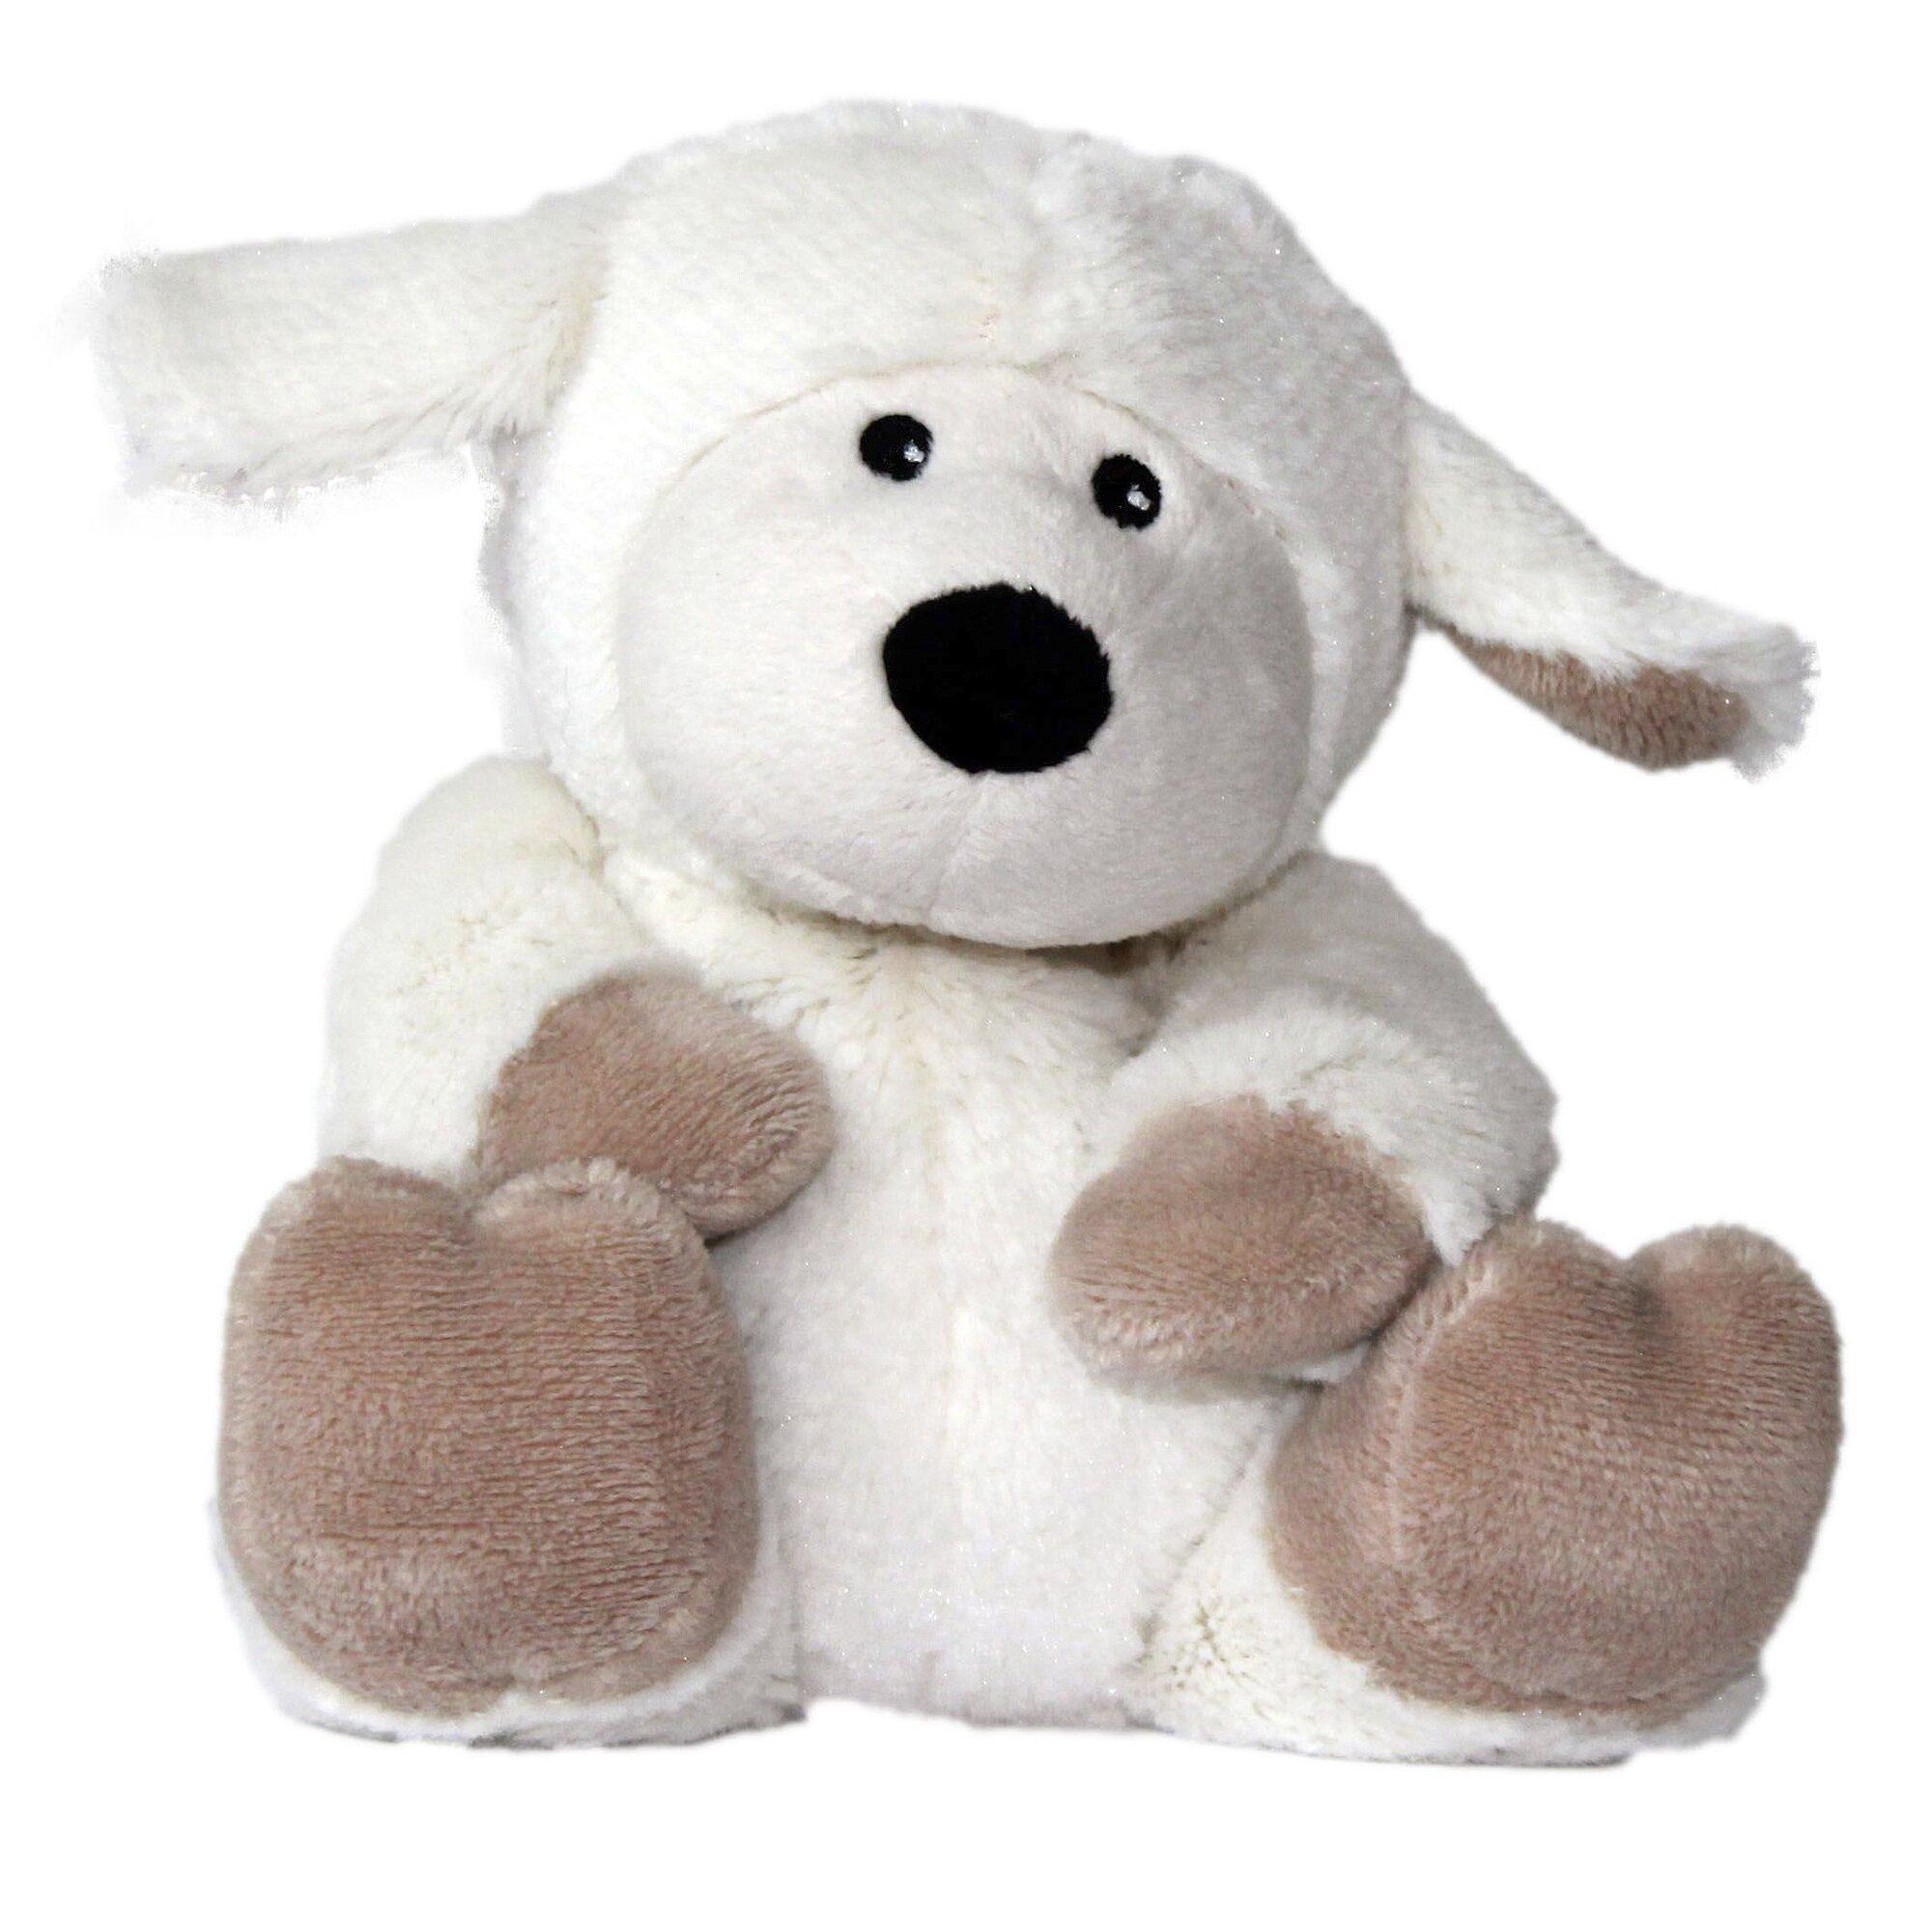 Warmies Wärmekissen mit Lavendel-Kornfüllung Beddy Bears MINIS Schaf